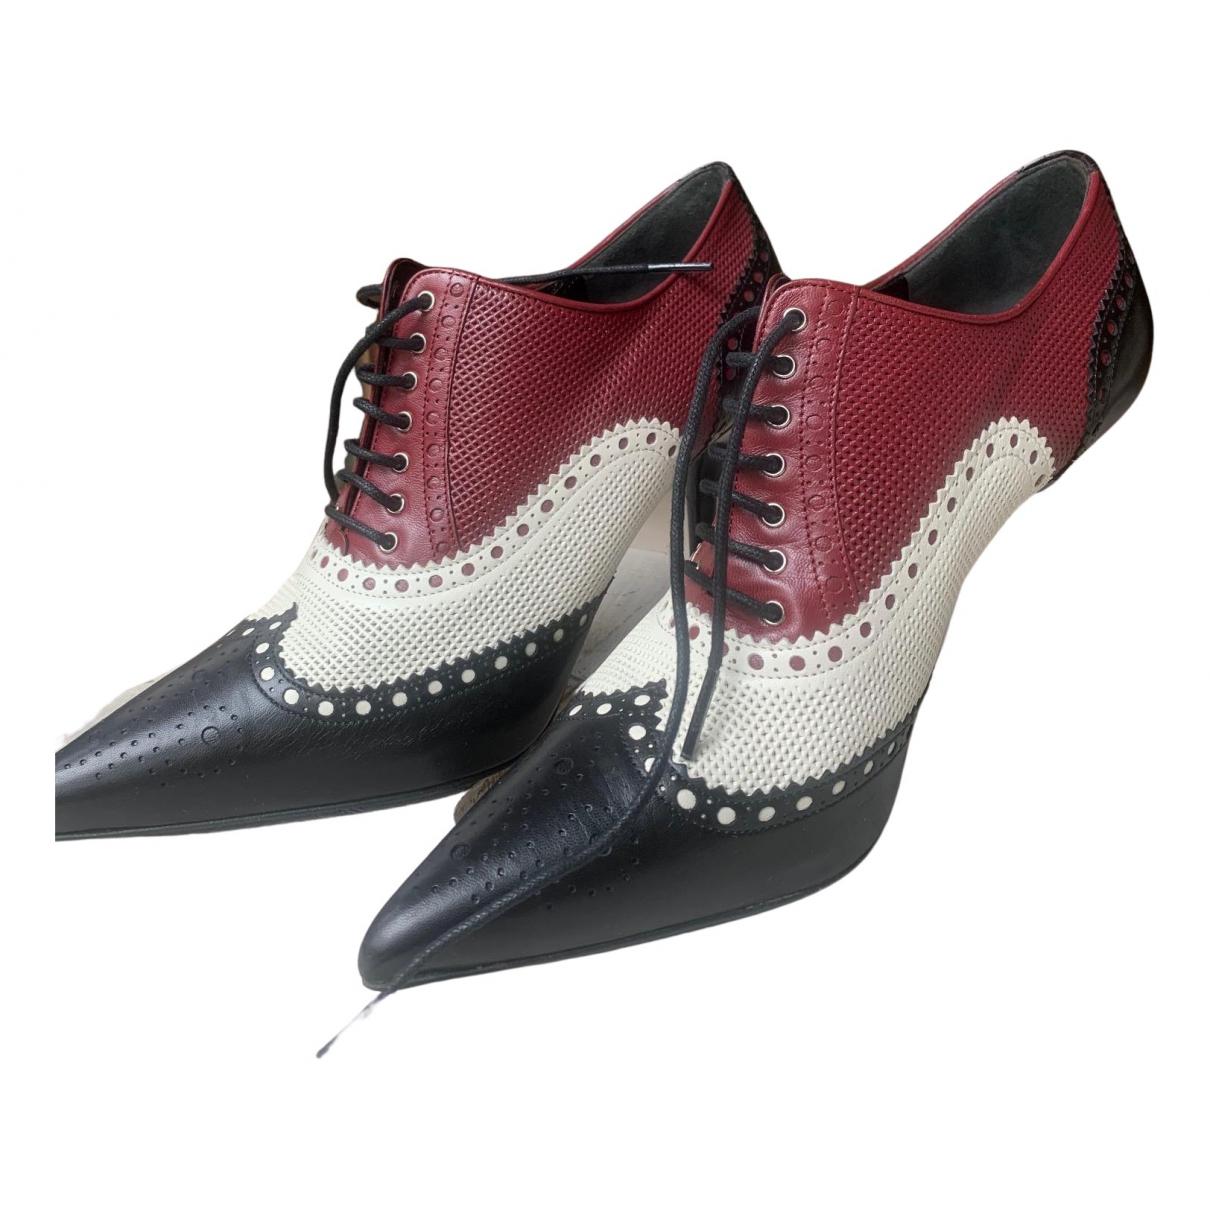 Gucci - Boots   pour femme en cuir - multicolore